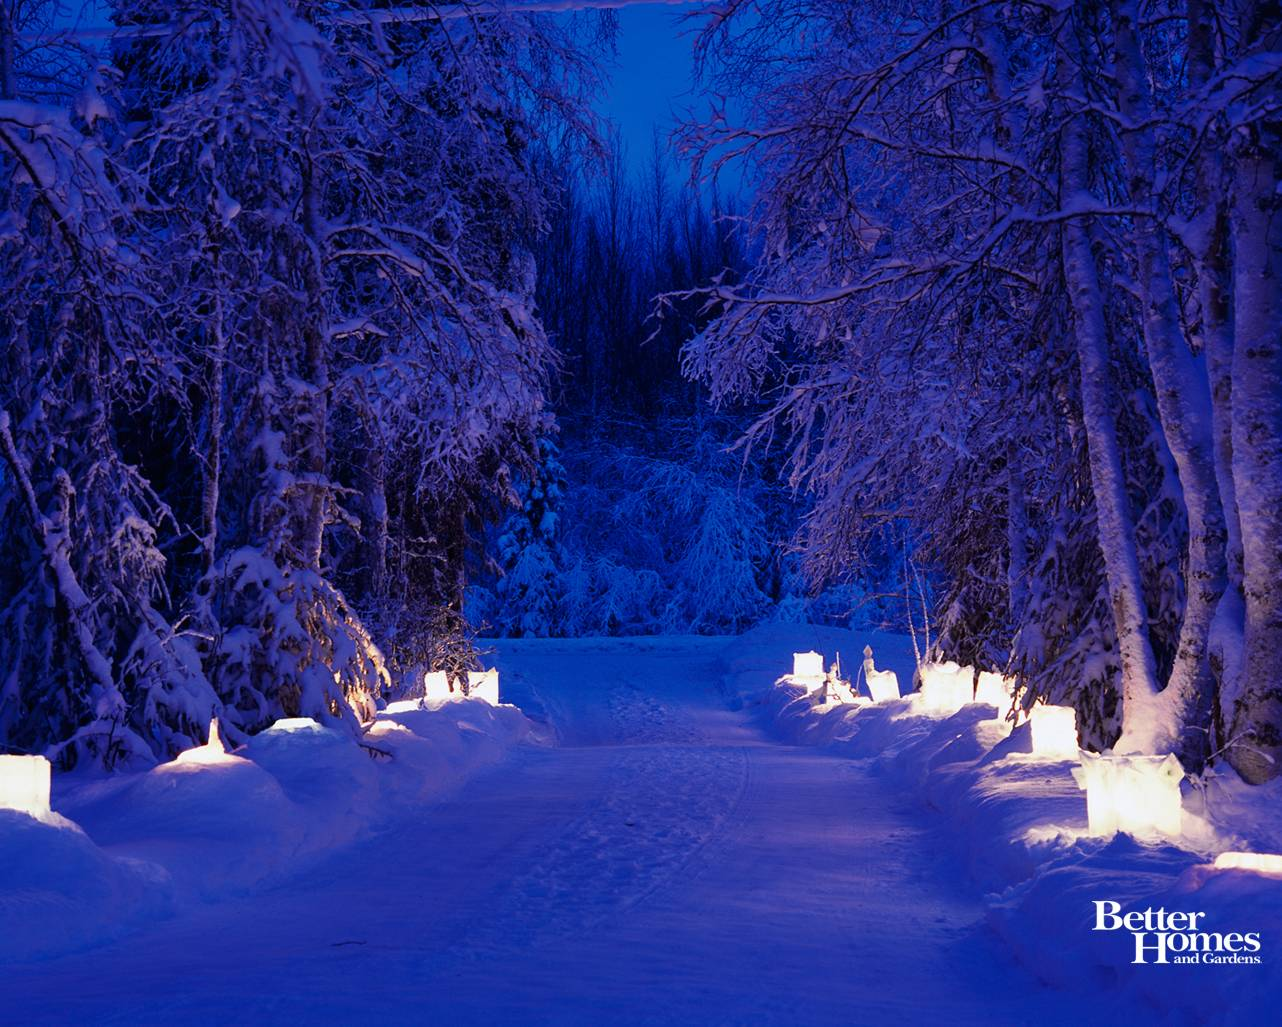 Winter Desktop Wallpapers 1282x1027